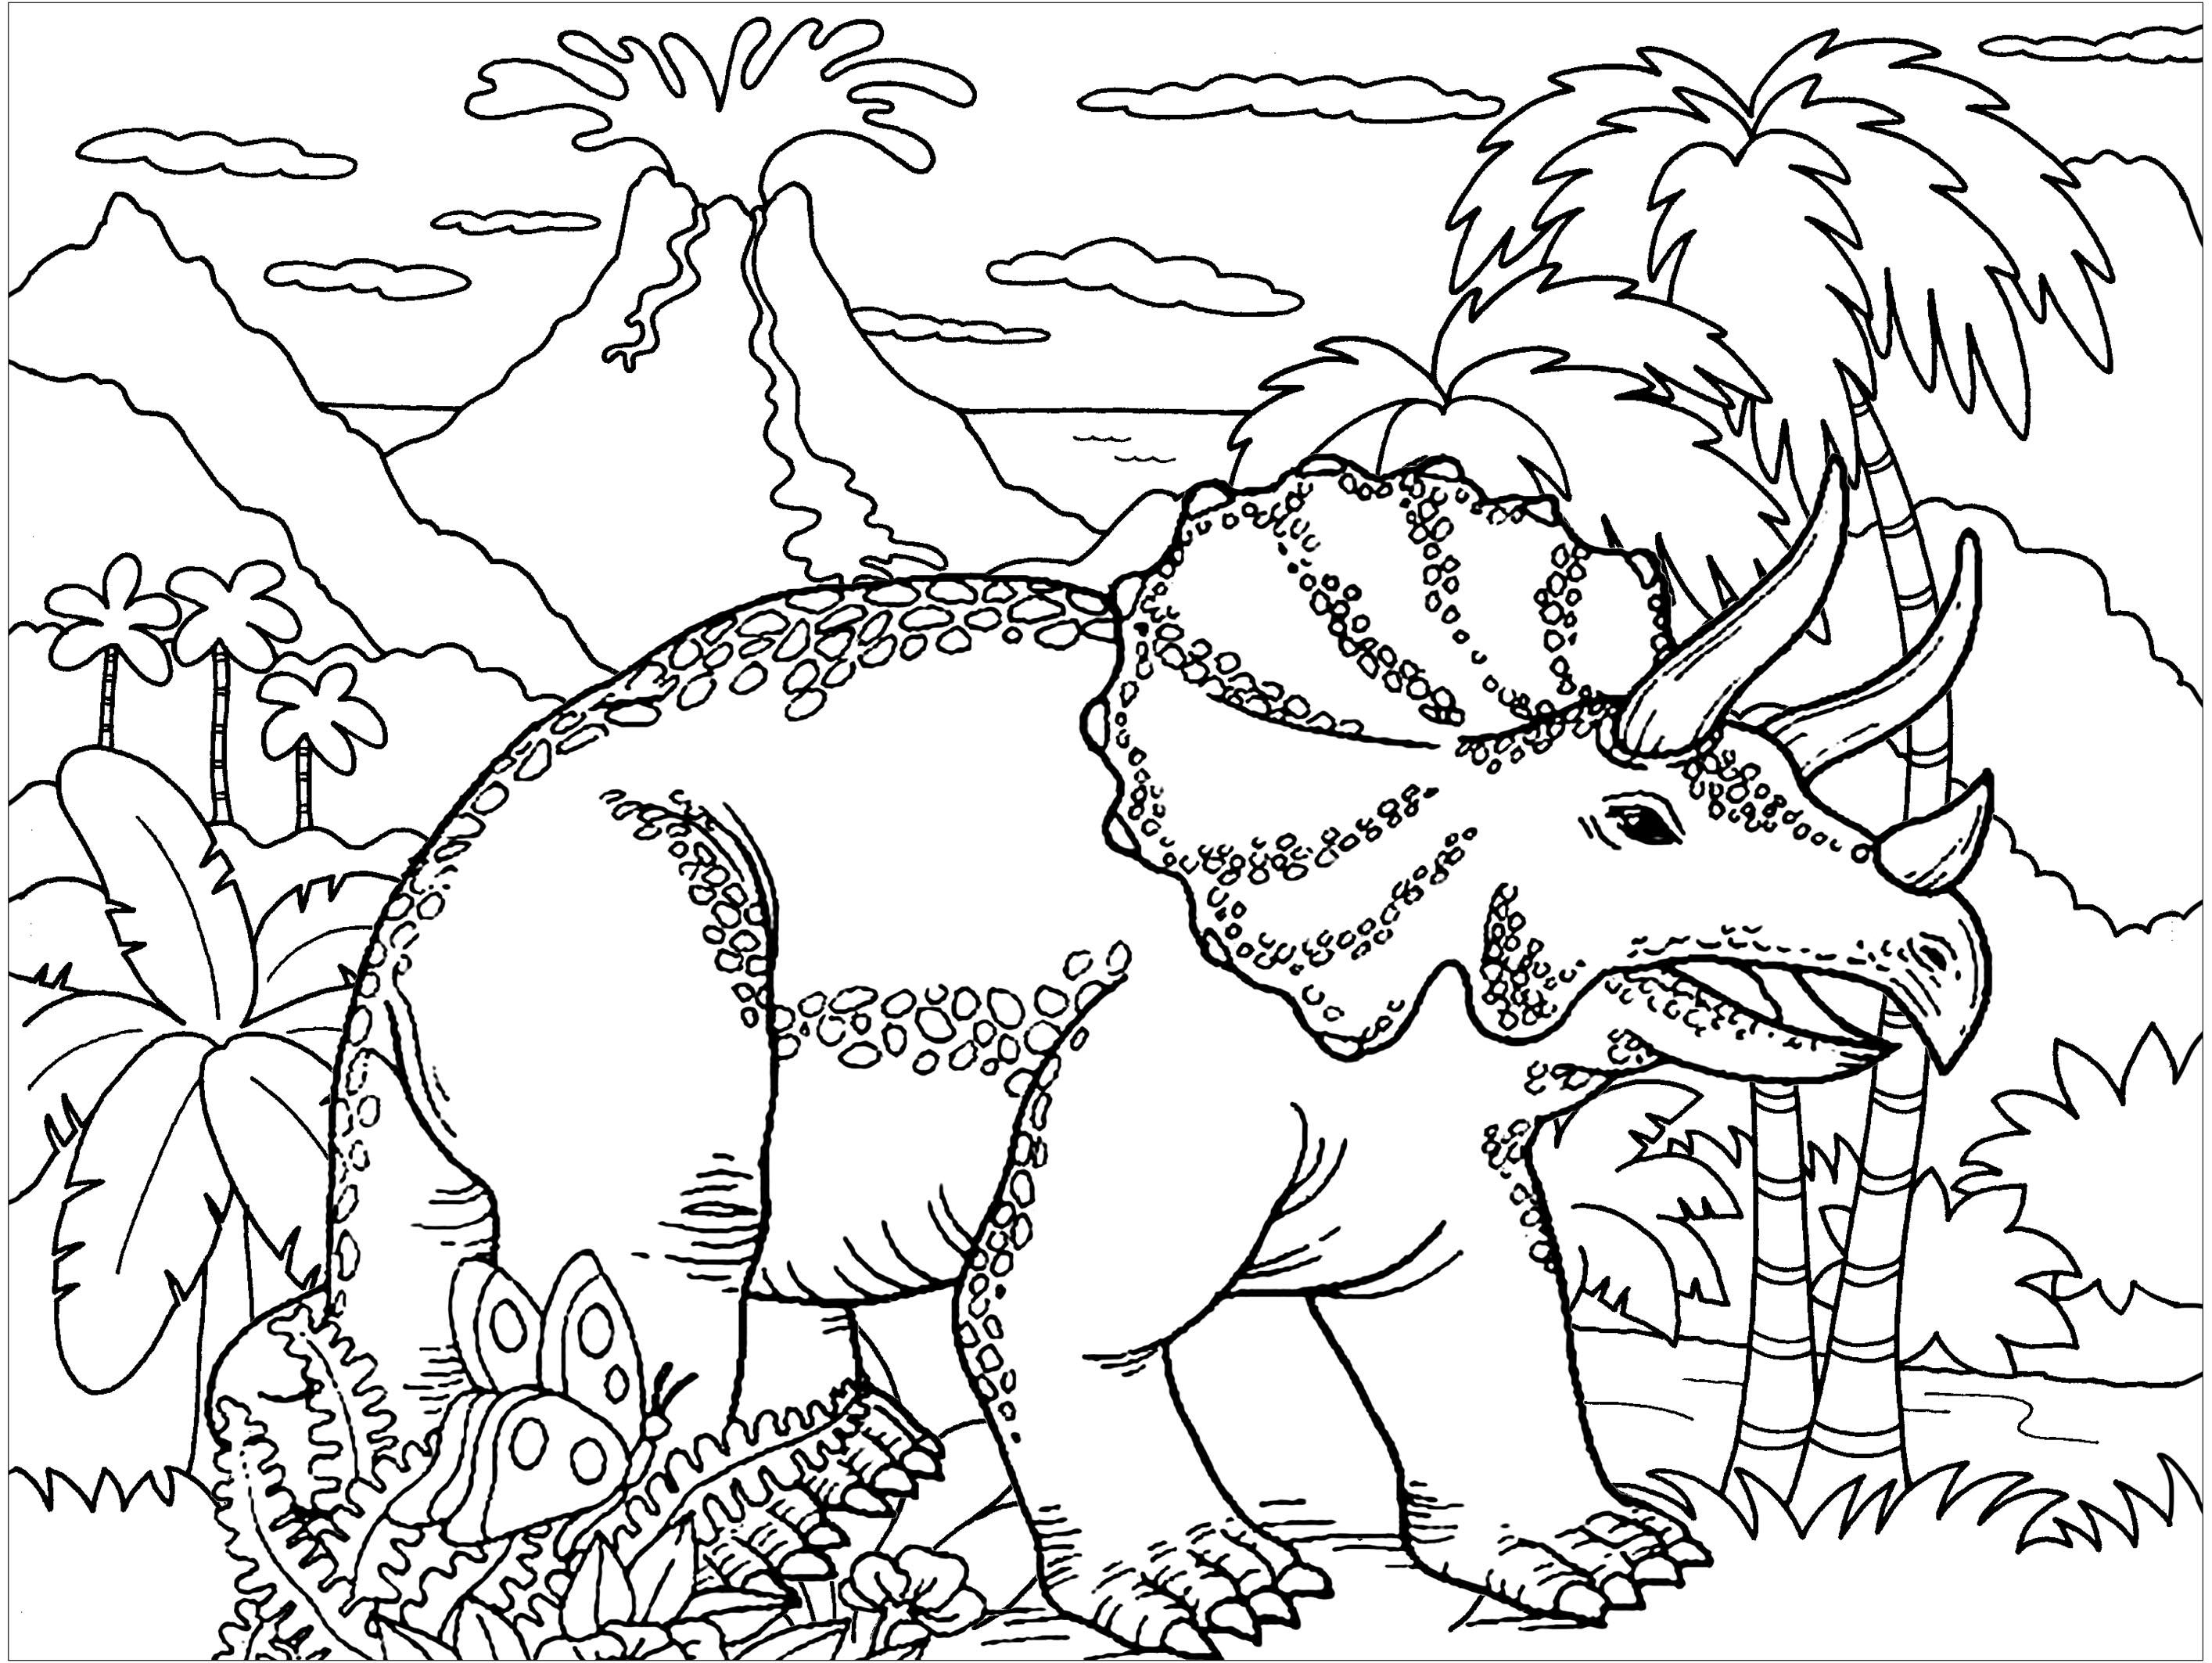 Dinosaurios 51142 - Dinosaurios - Colorear para Adultos